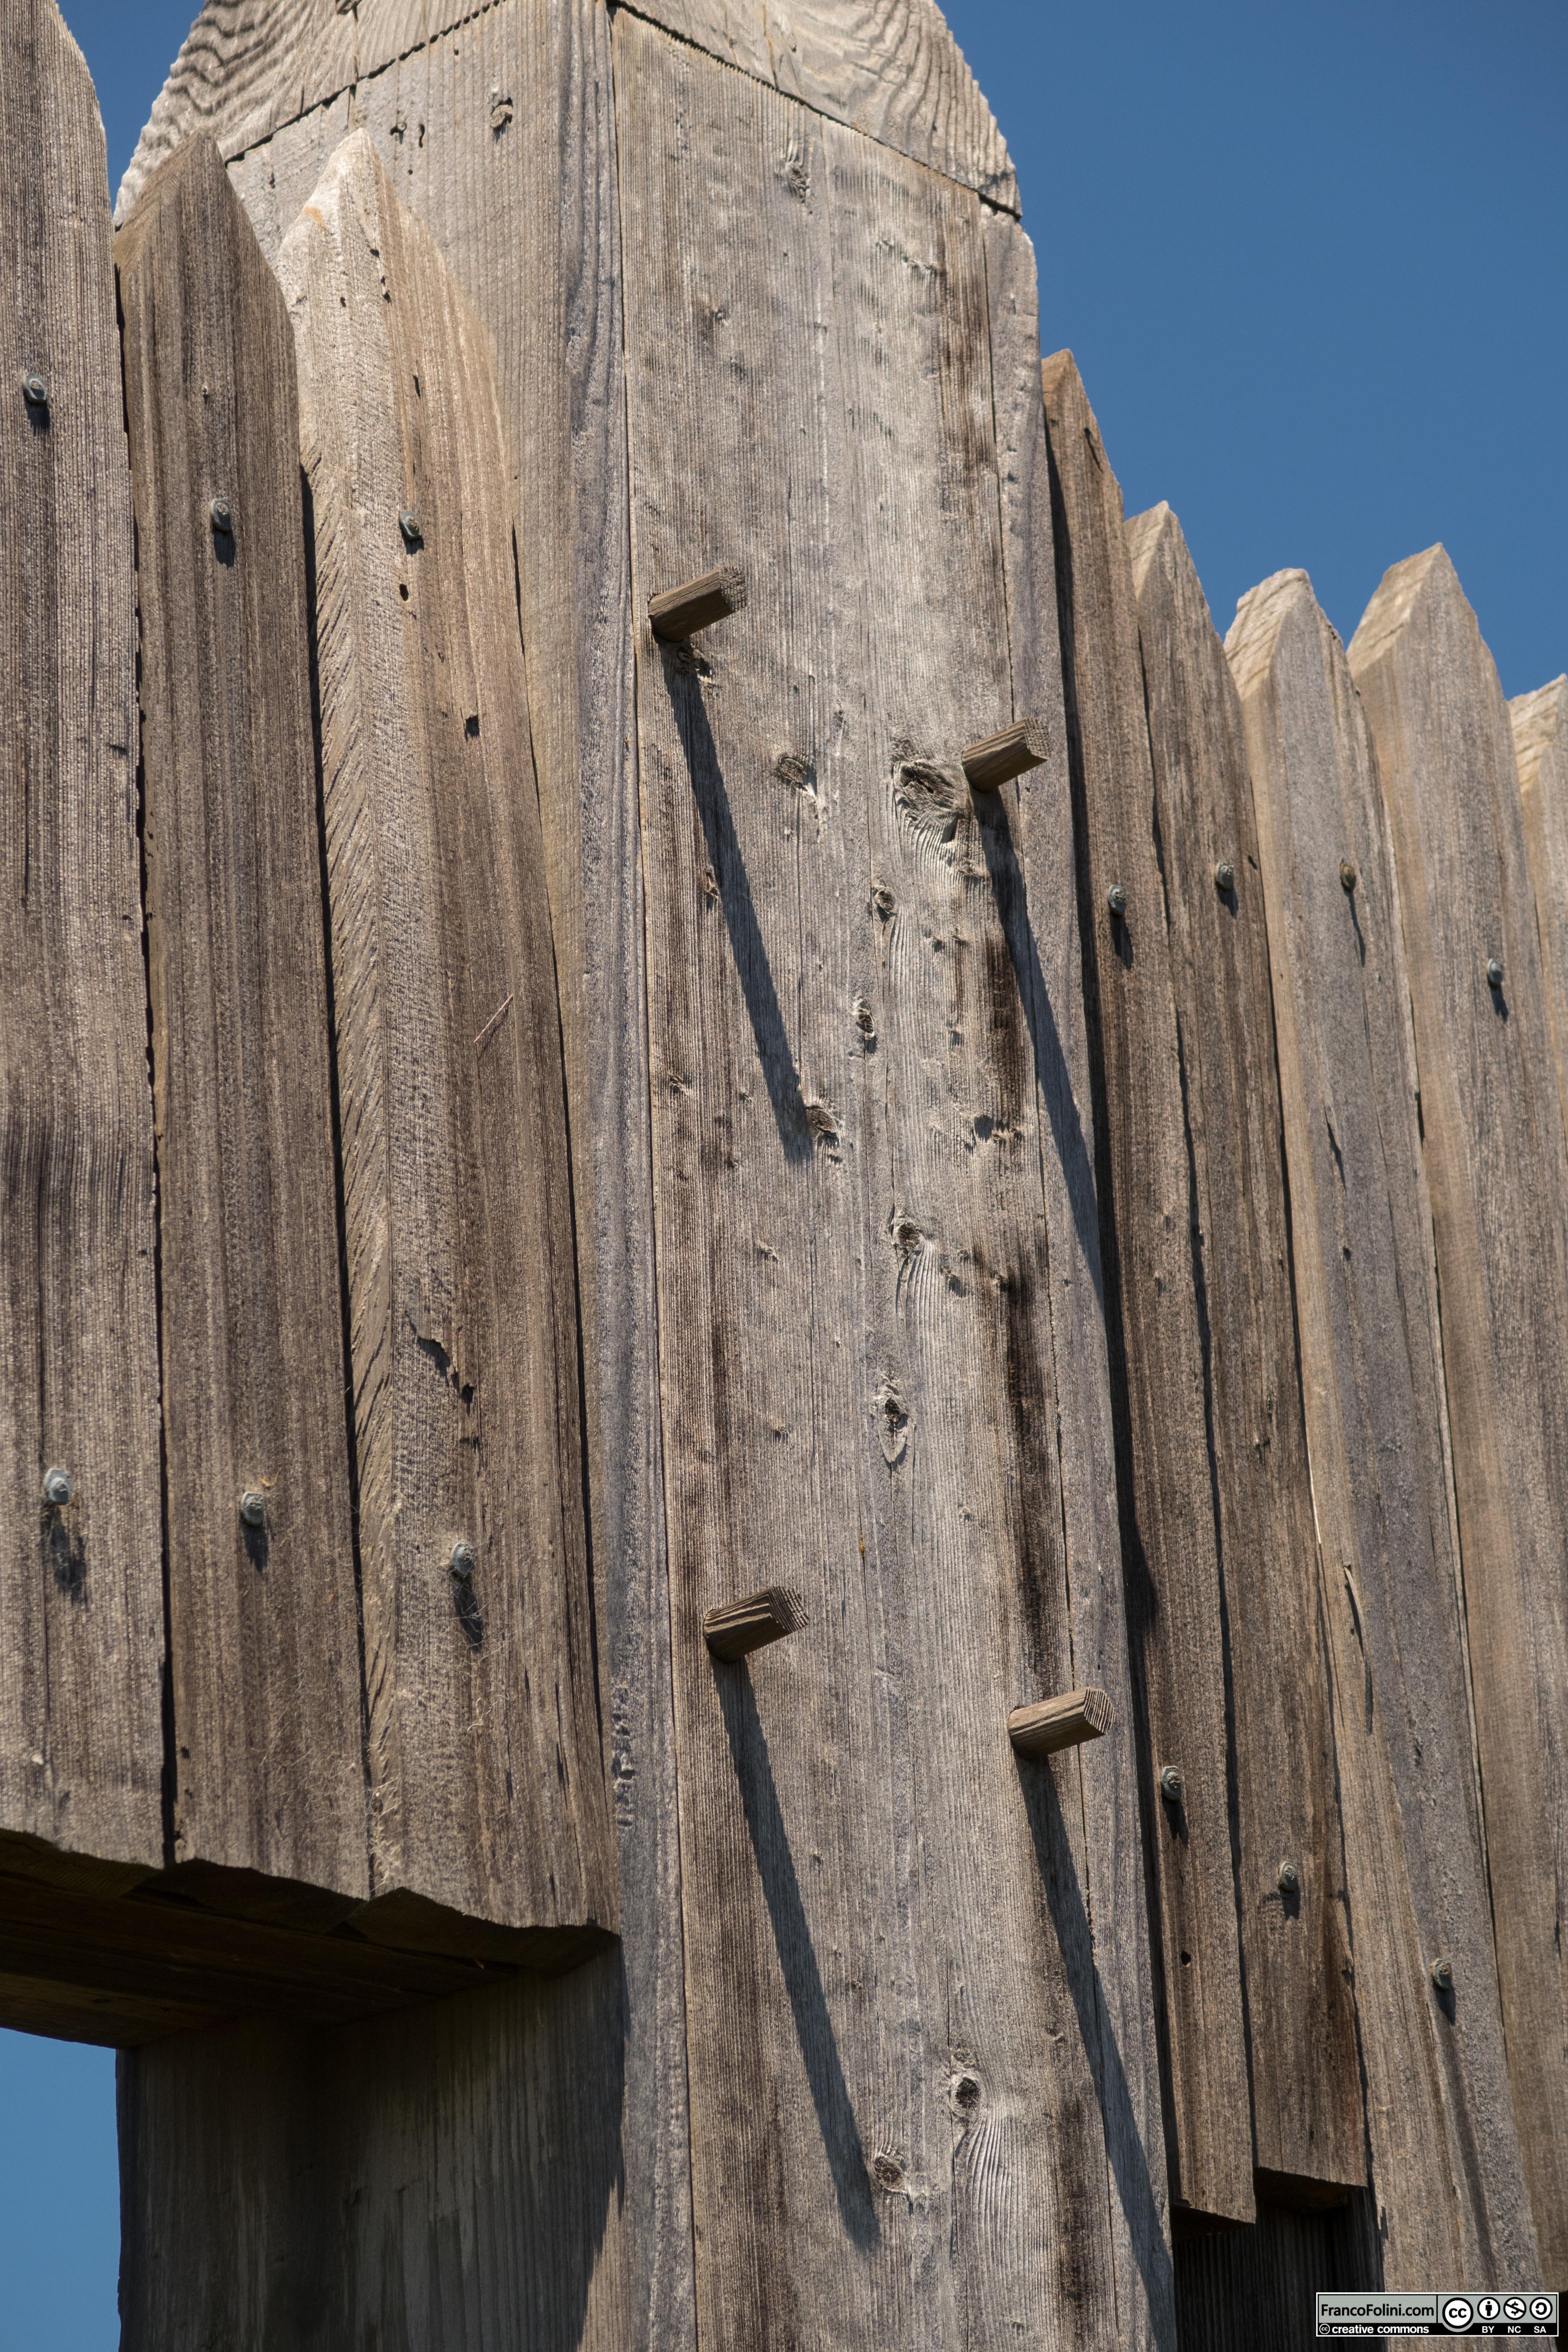 Fort Ross: dettaglio dell'ingresso sud del forte. Si noti la compelta assenza di chidi in metallo. L'intero montaggio era stato realizzato esclusivamente in legno.